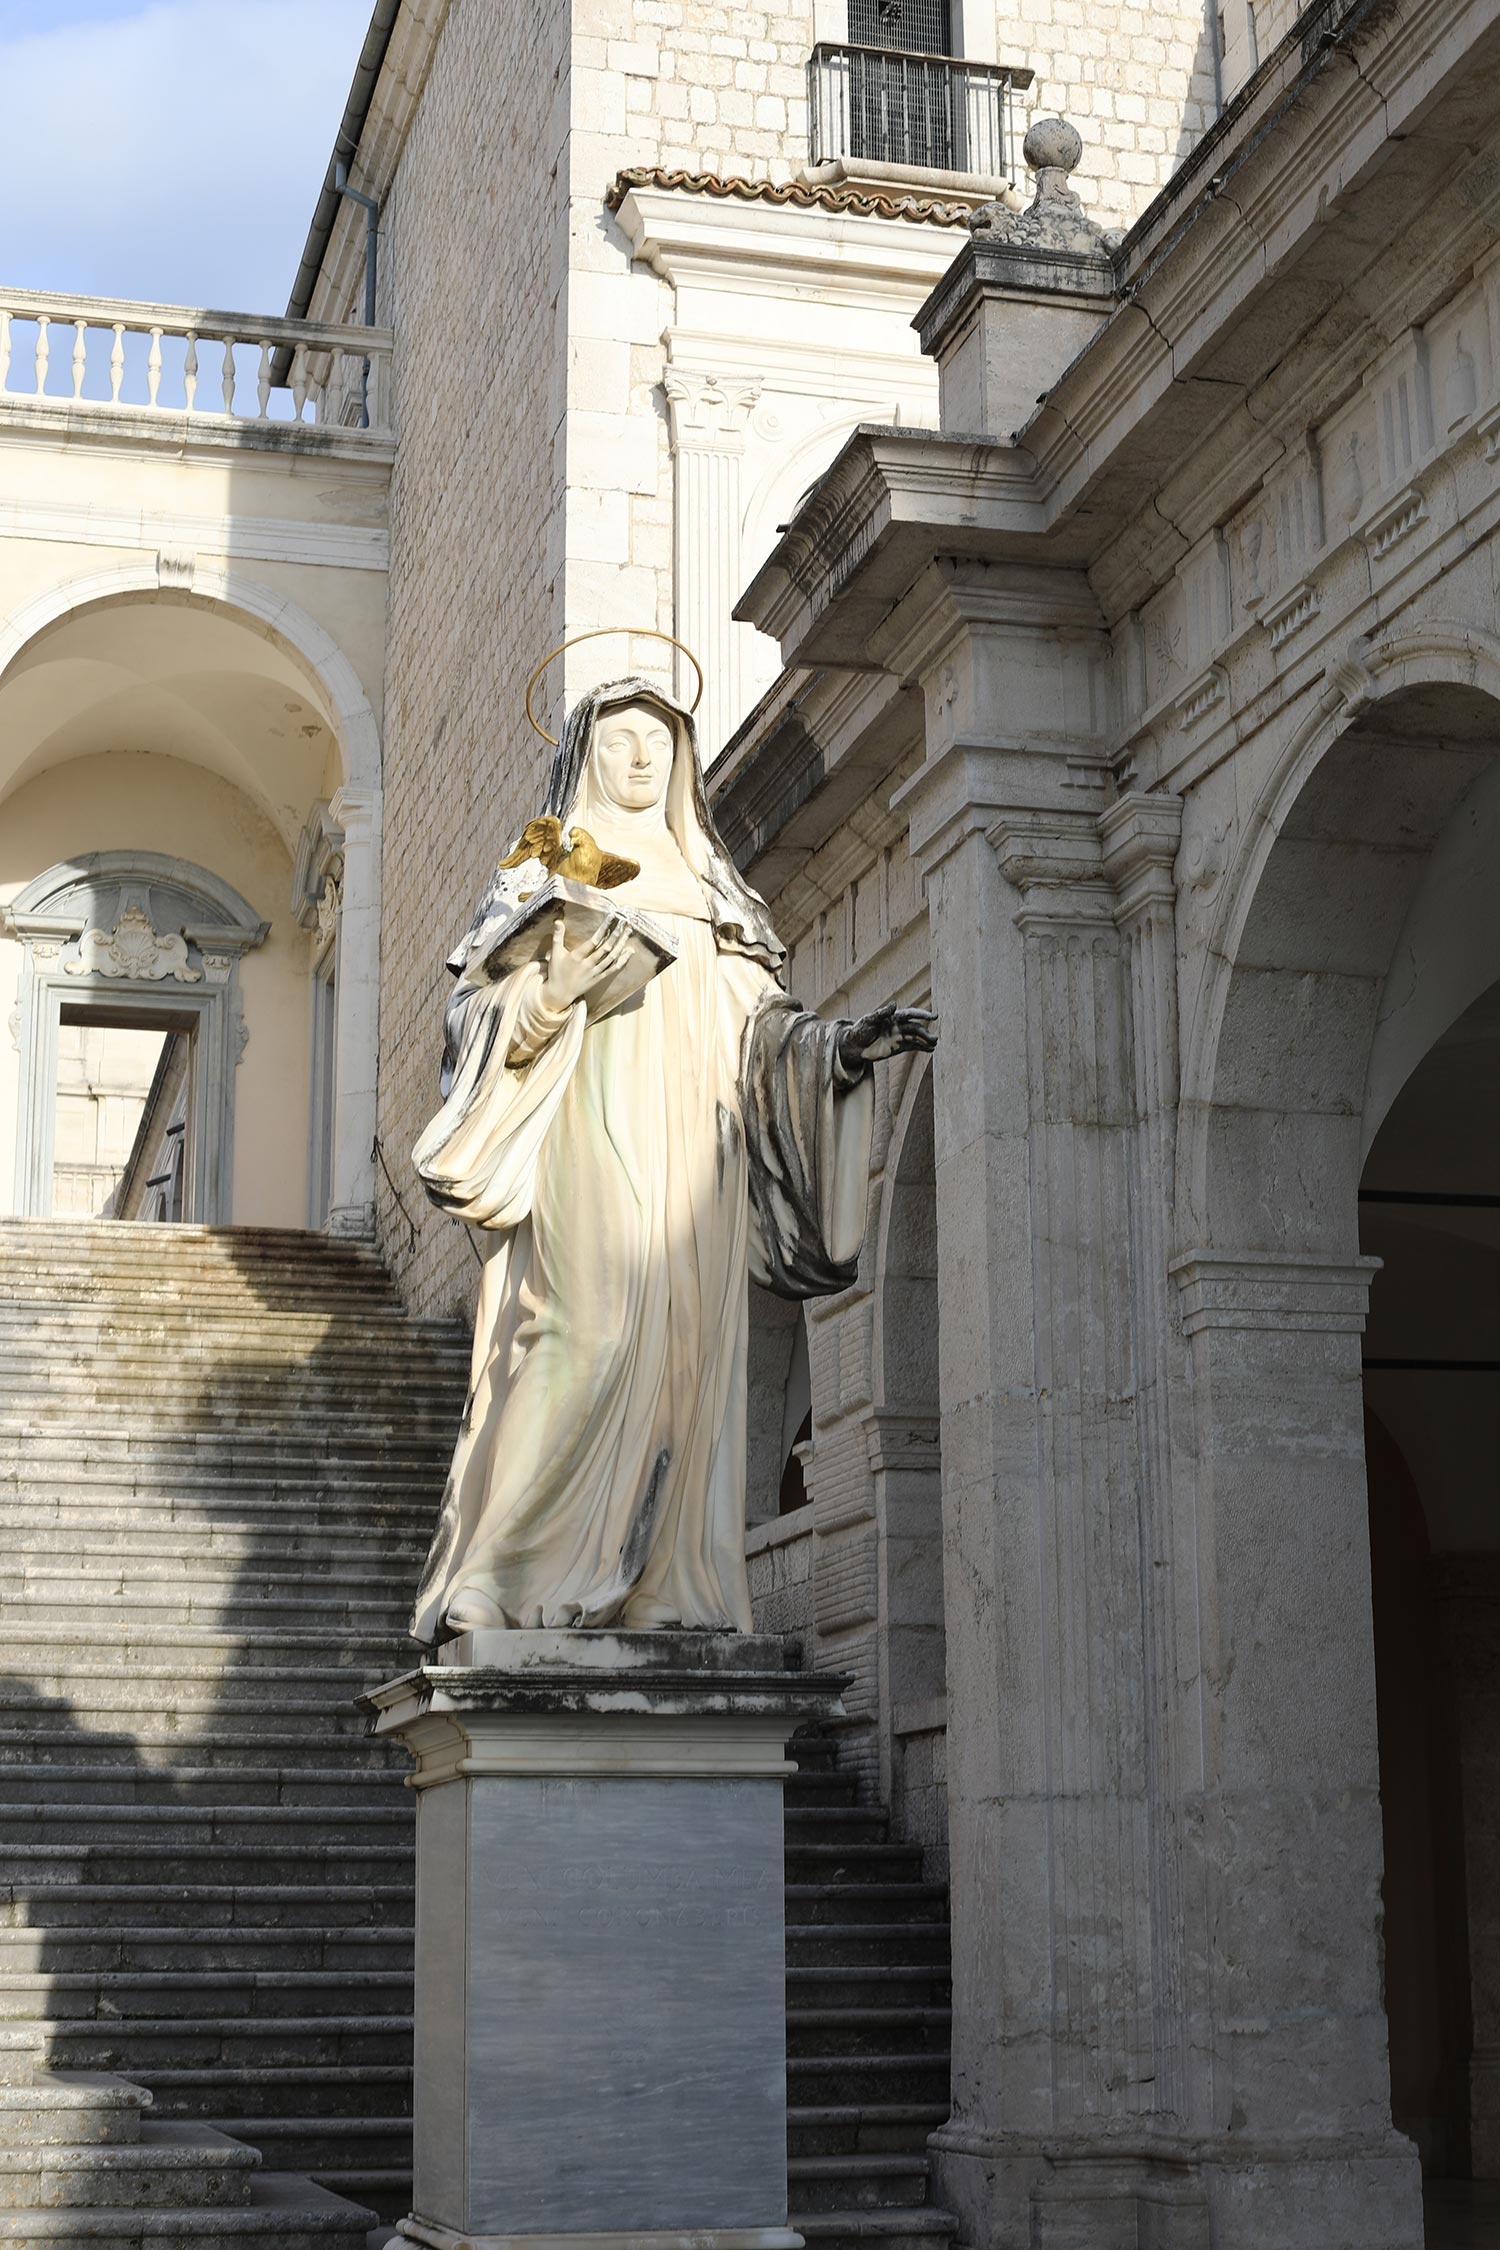 Pilgrimage_Rome_3836_MonteCassino.jpg